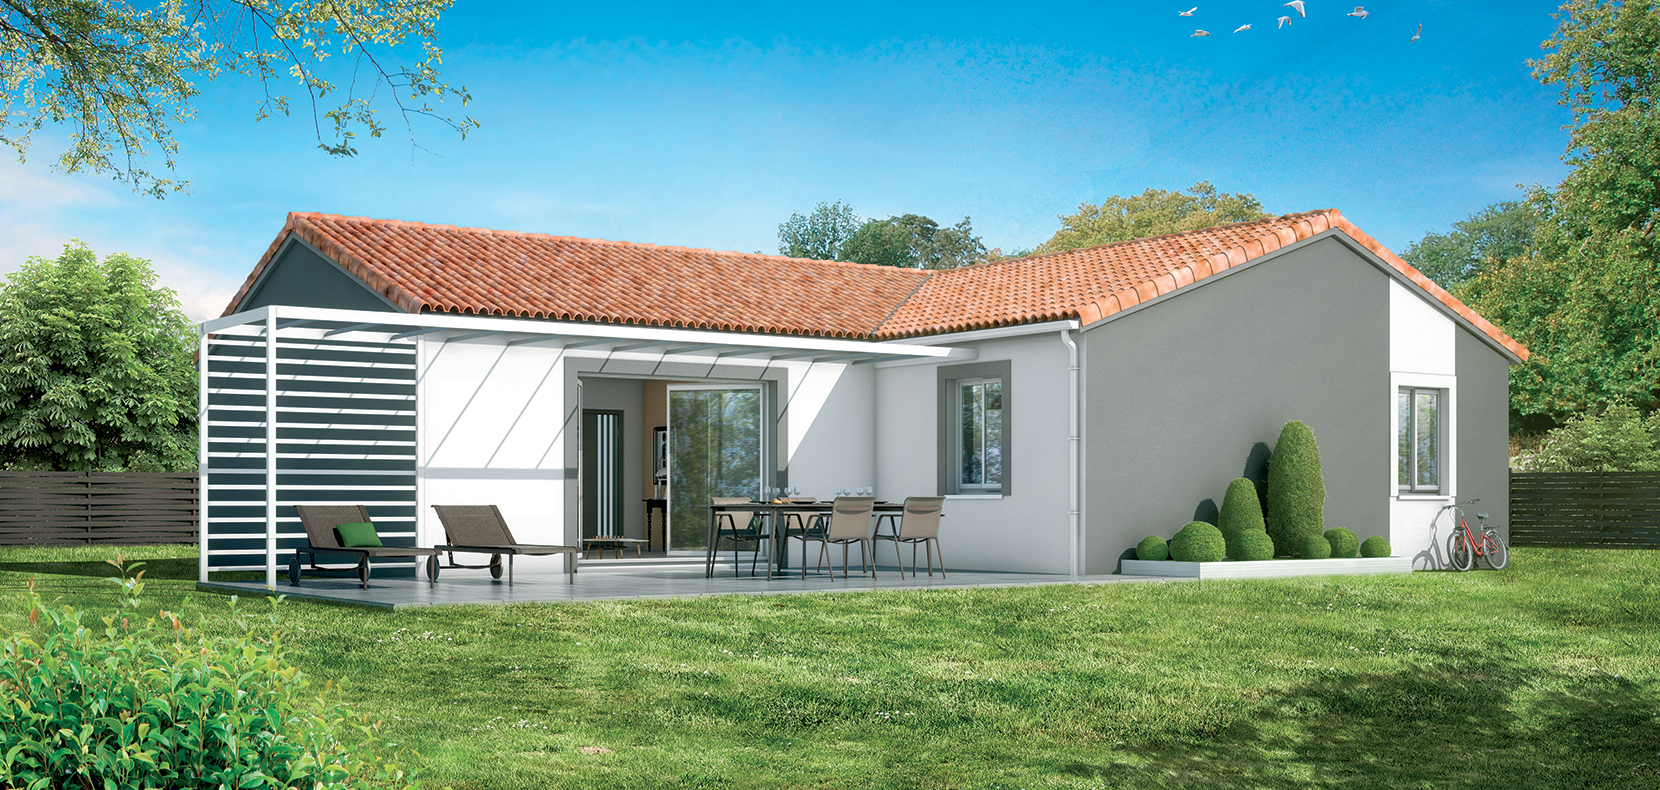 Mod le maison 2020 maisons sanem constructeur de for Modele maison 2016